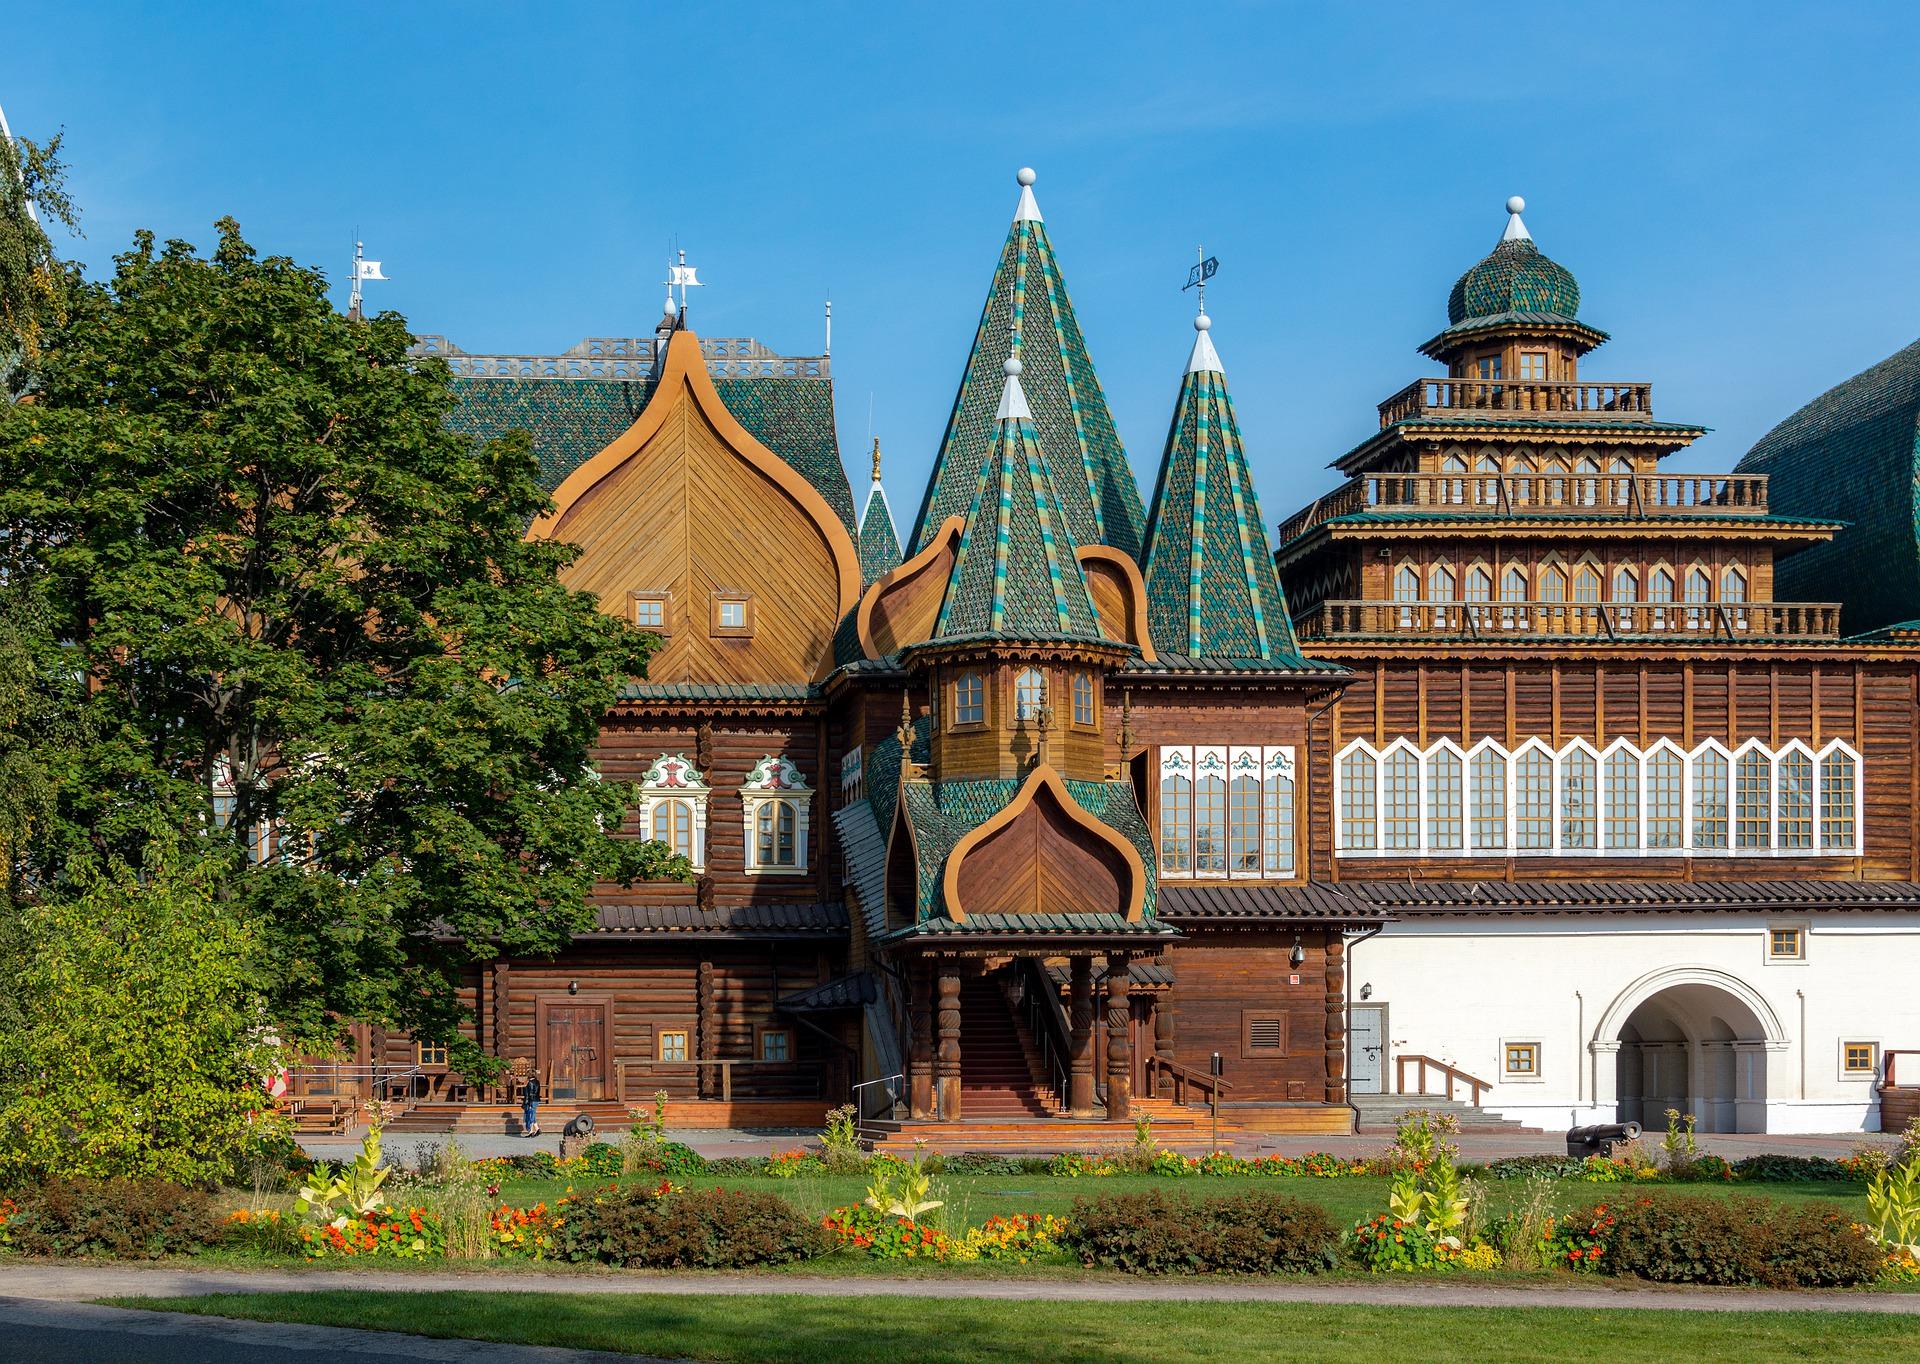 Palacio de Madera en Kolómenskoye, Moscú, Rusia, qué hacer en 3 días